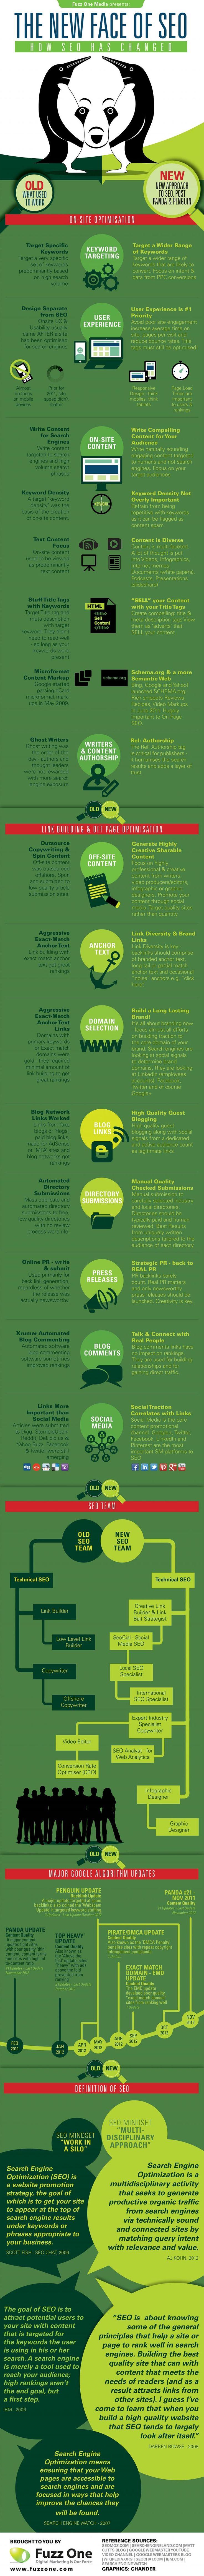 Como cambio el SEO en 1012 - How SEO Has Changed in 2012 #infographic